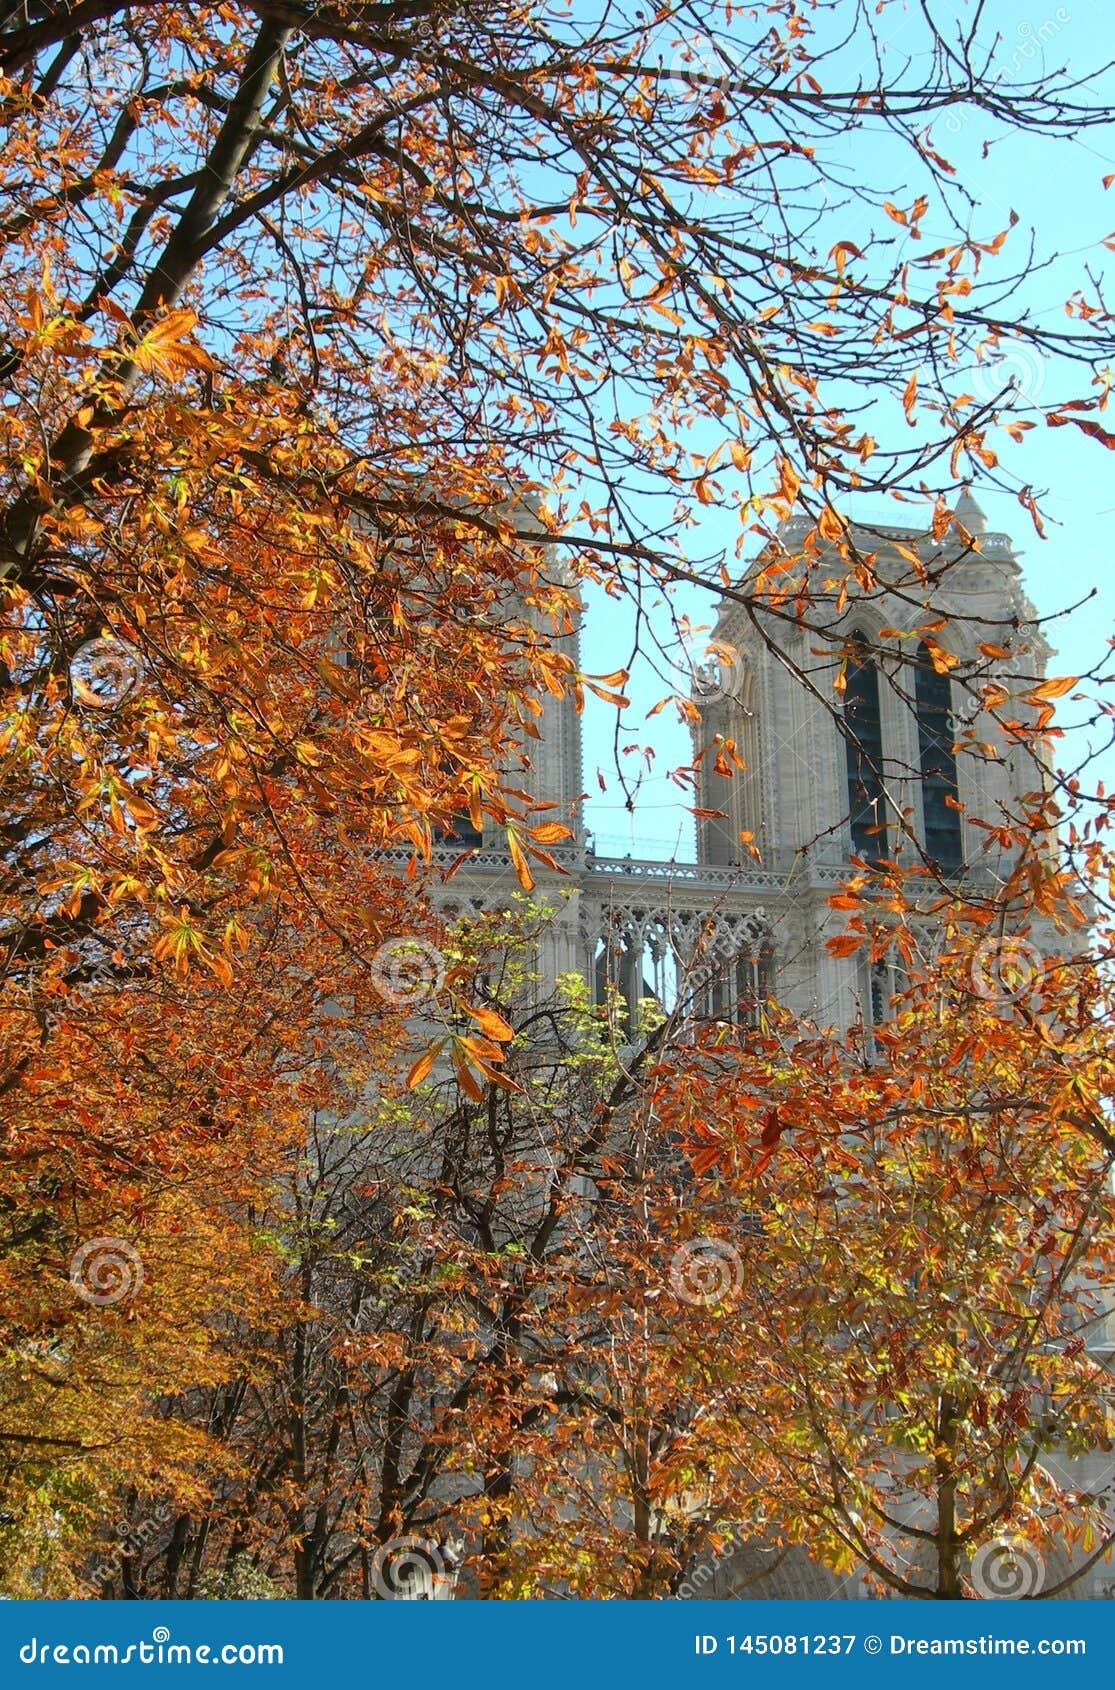 November in Paris, Notre Dame